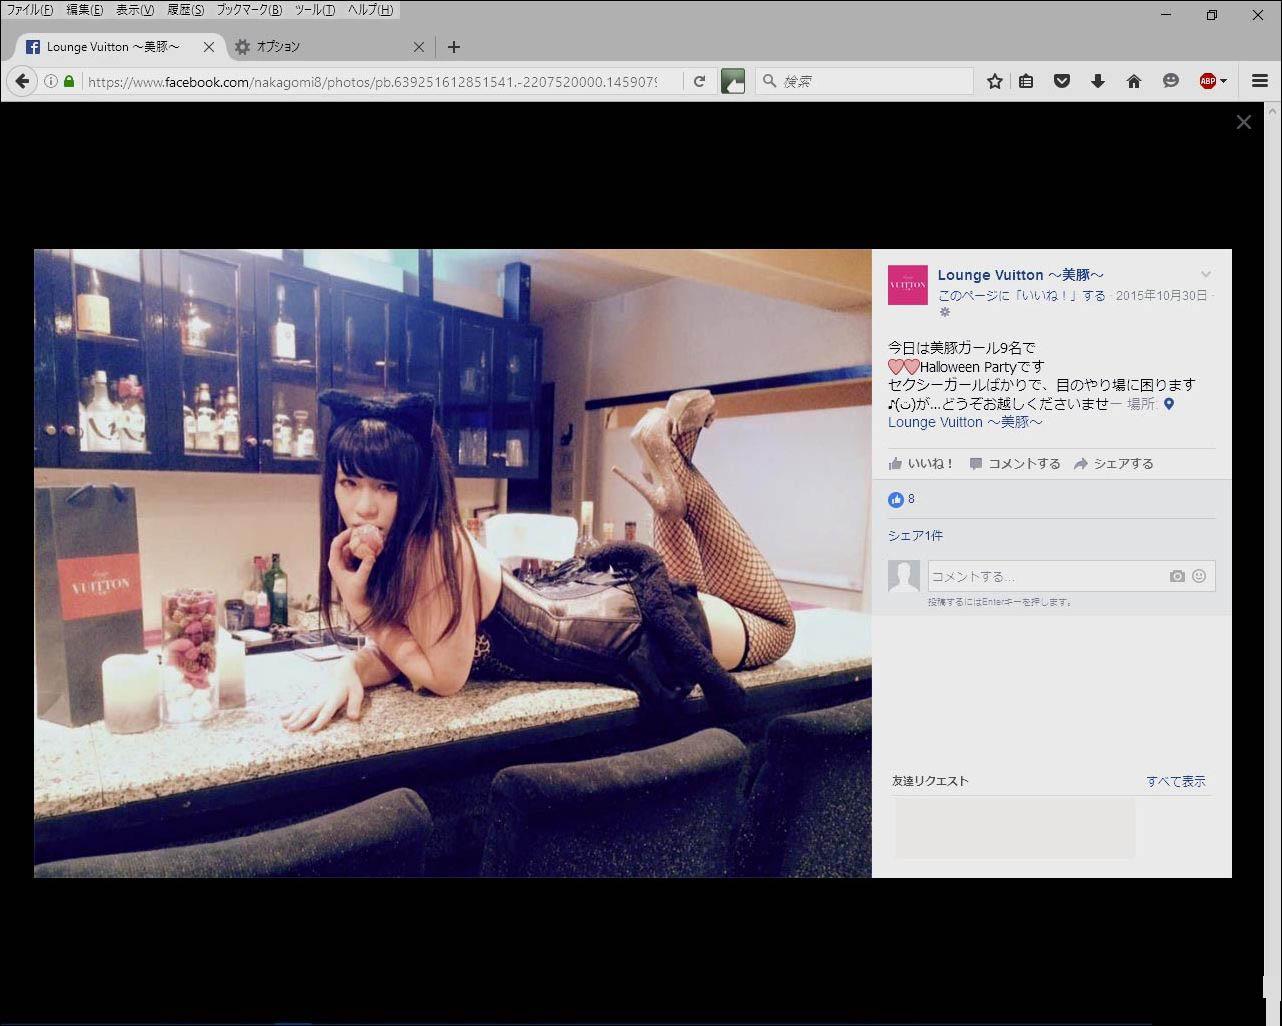 長野県佐久市ラウンジヴィトン店内での女カウンターテーブルFacebook画像